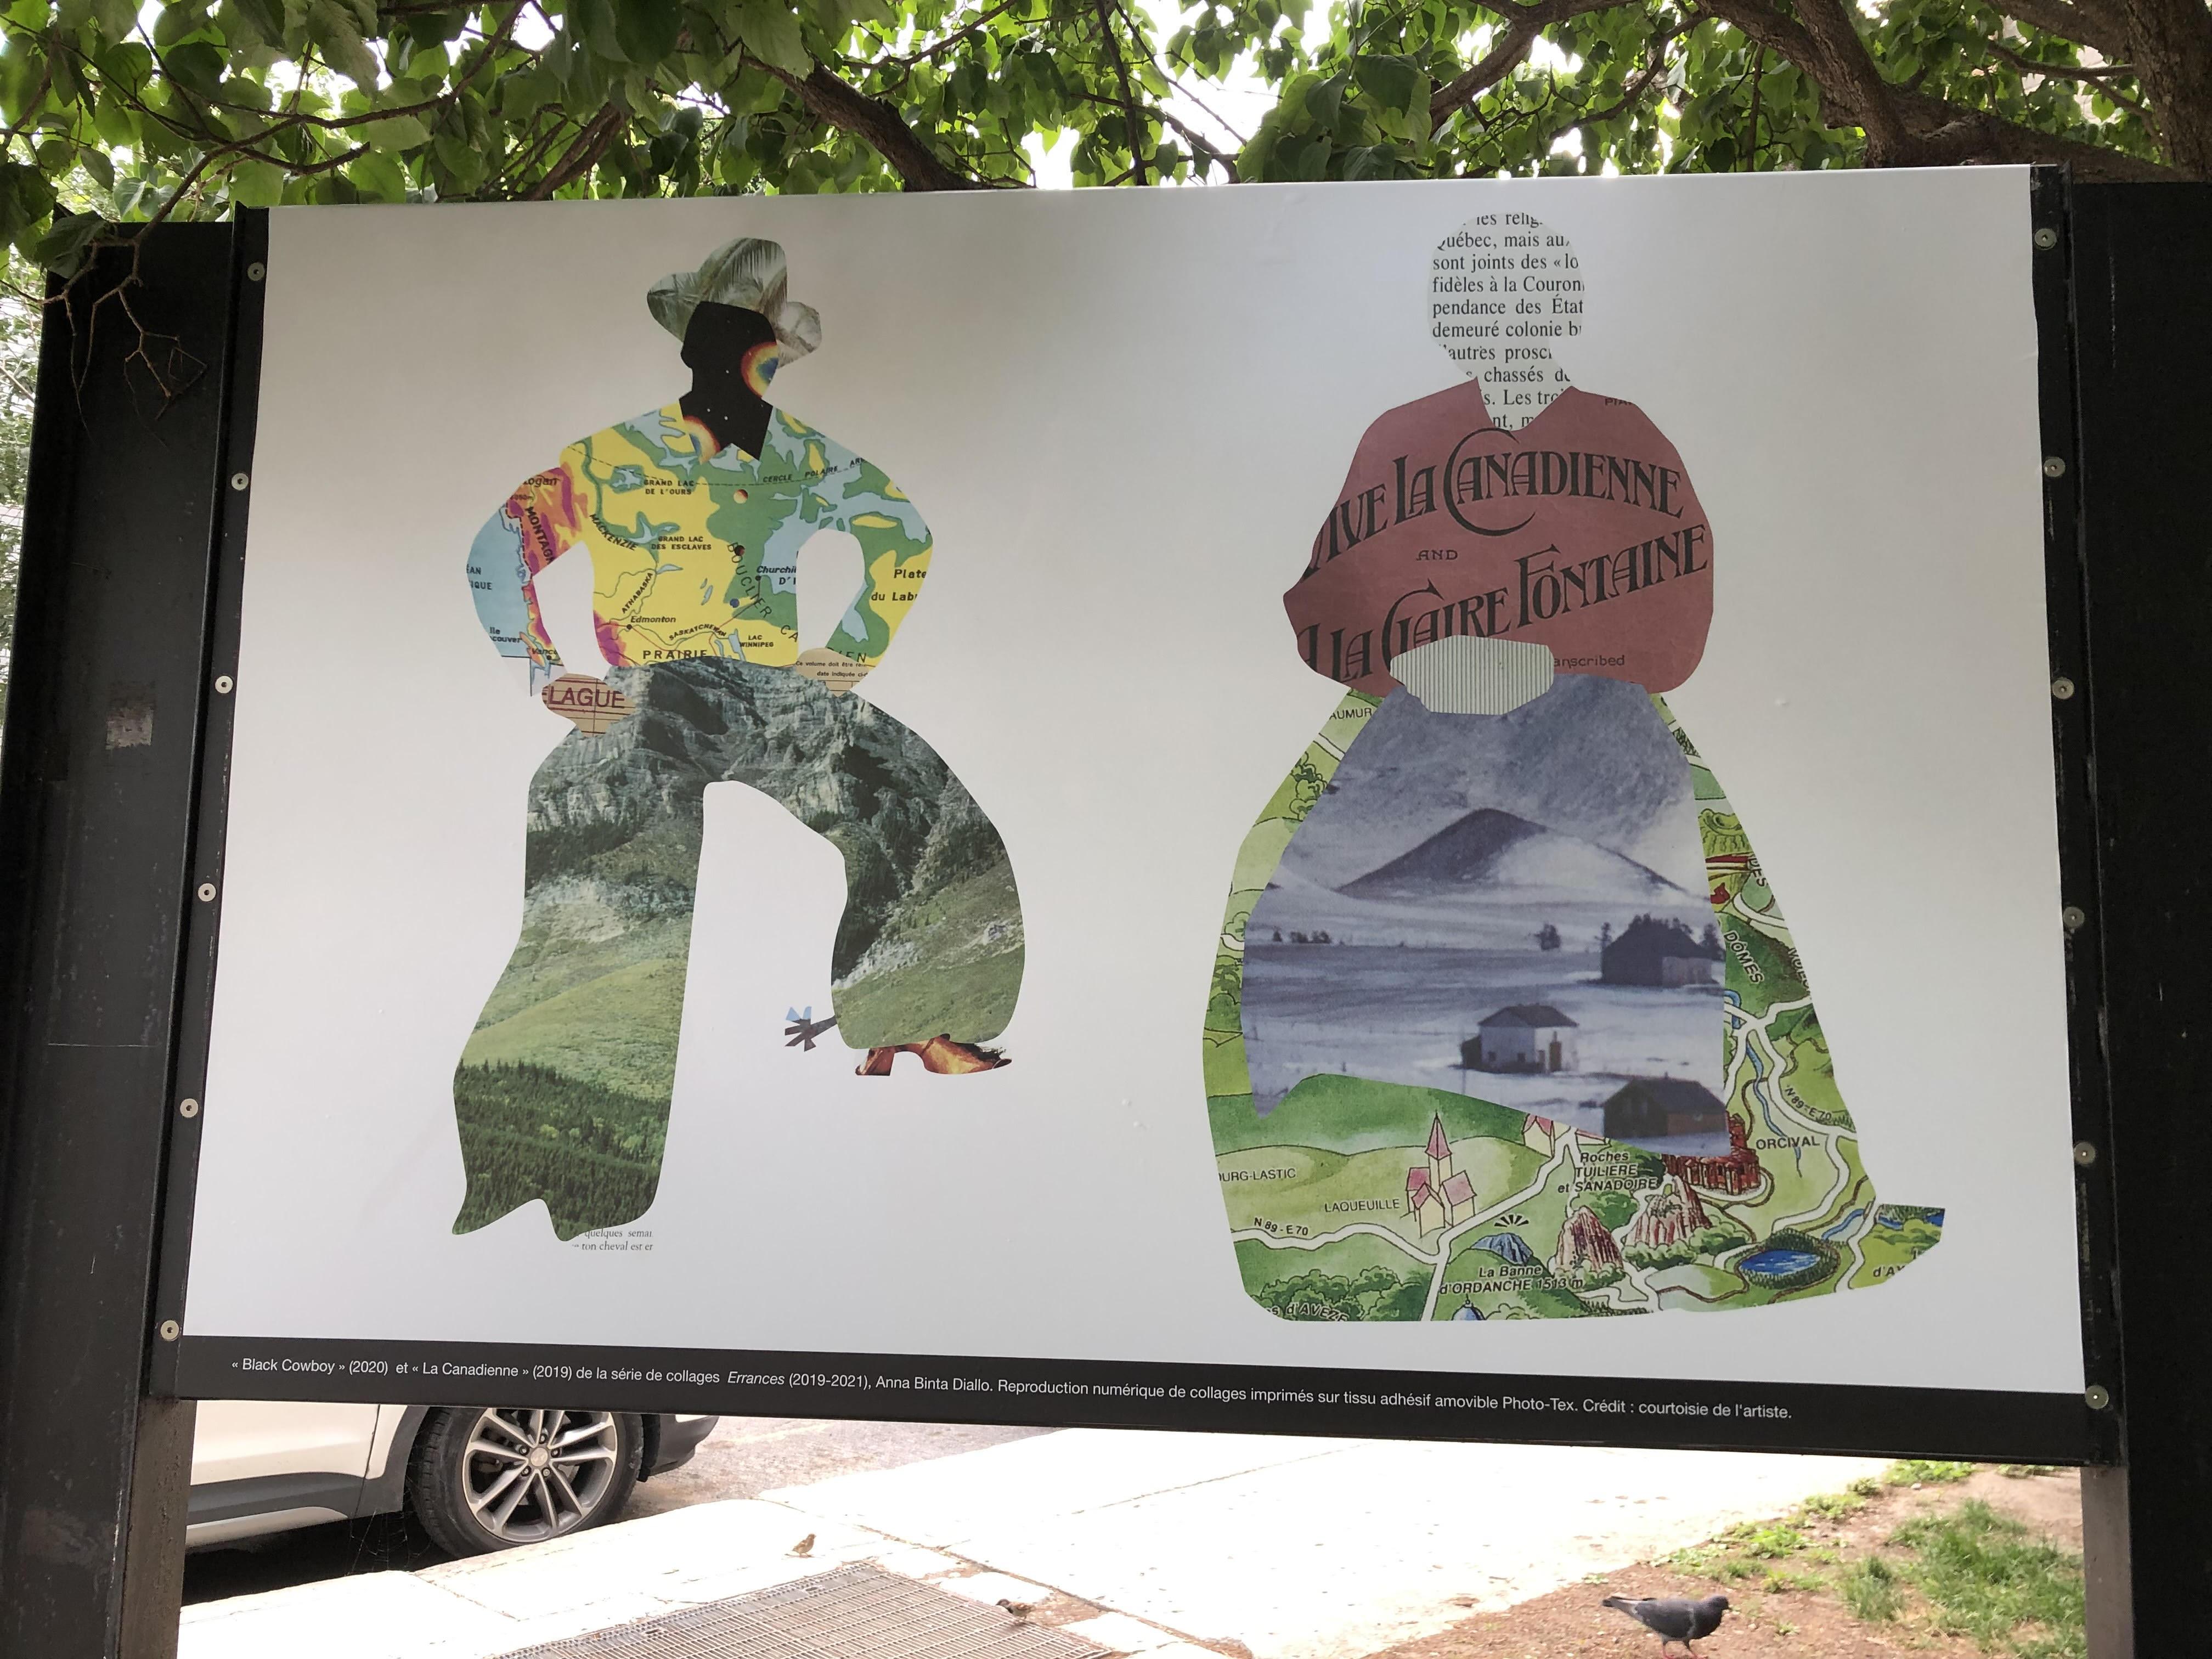 Photo des œuvres Black Cowboy et La Canadienne de Anna Binta Diallo